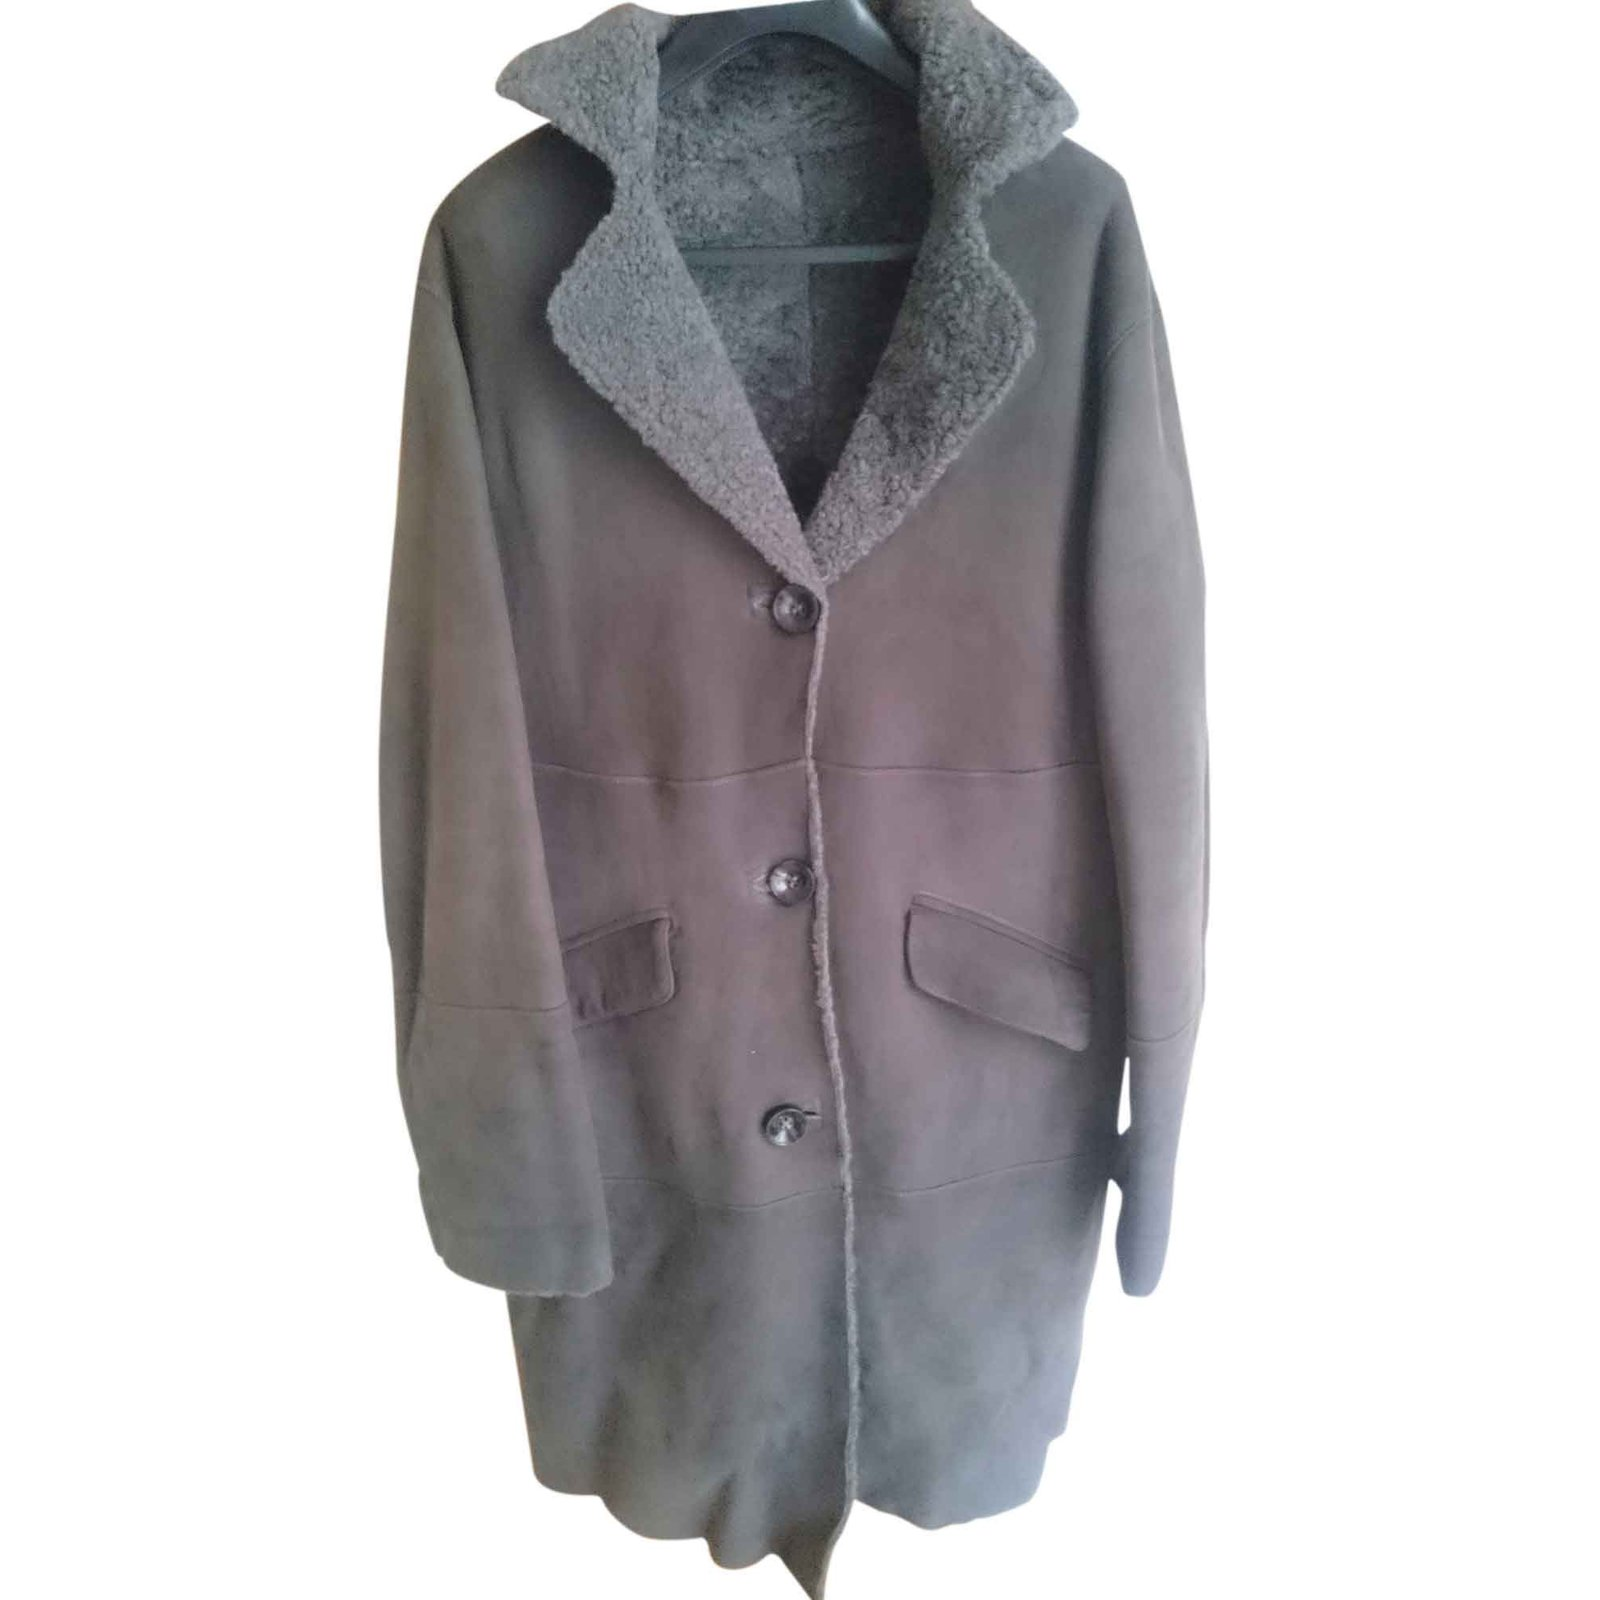 Manteau gerard darel peau lainee